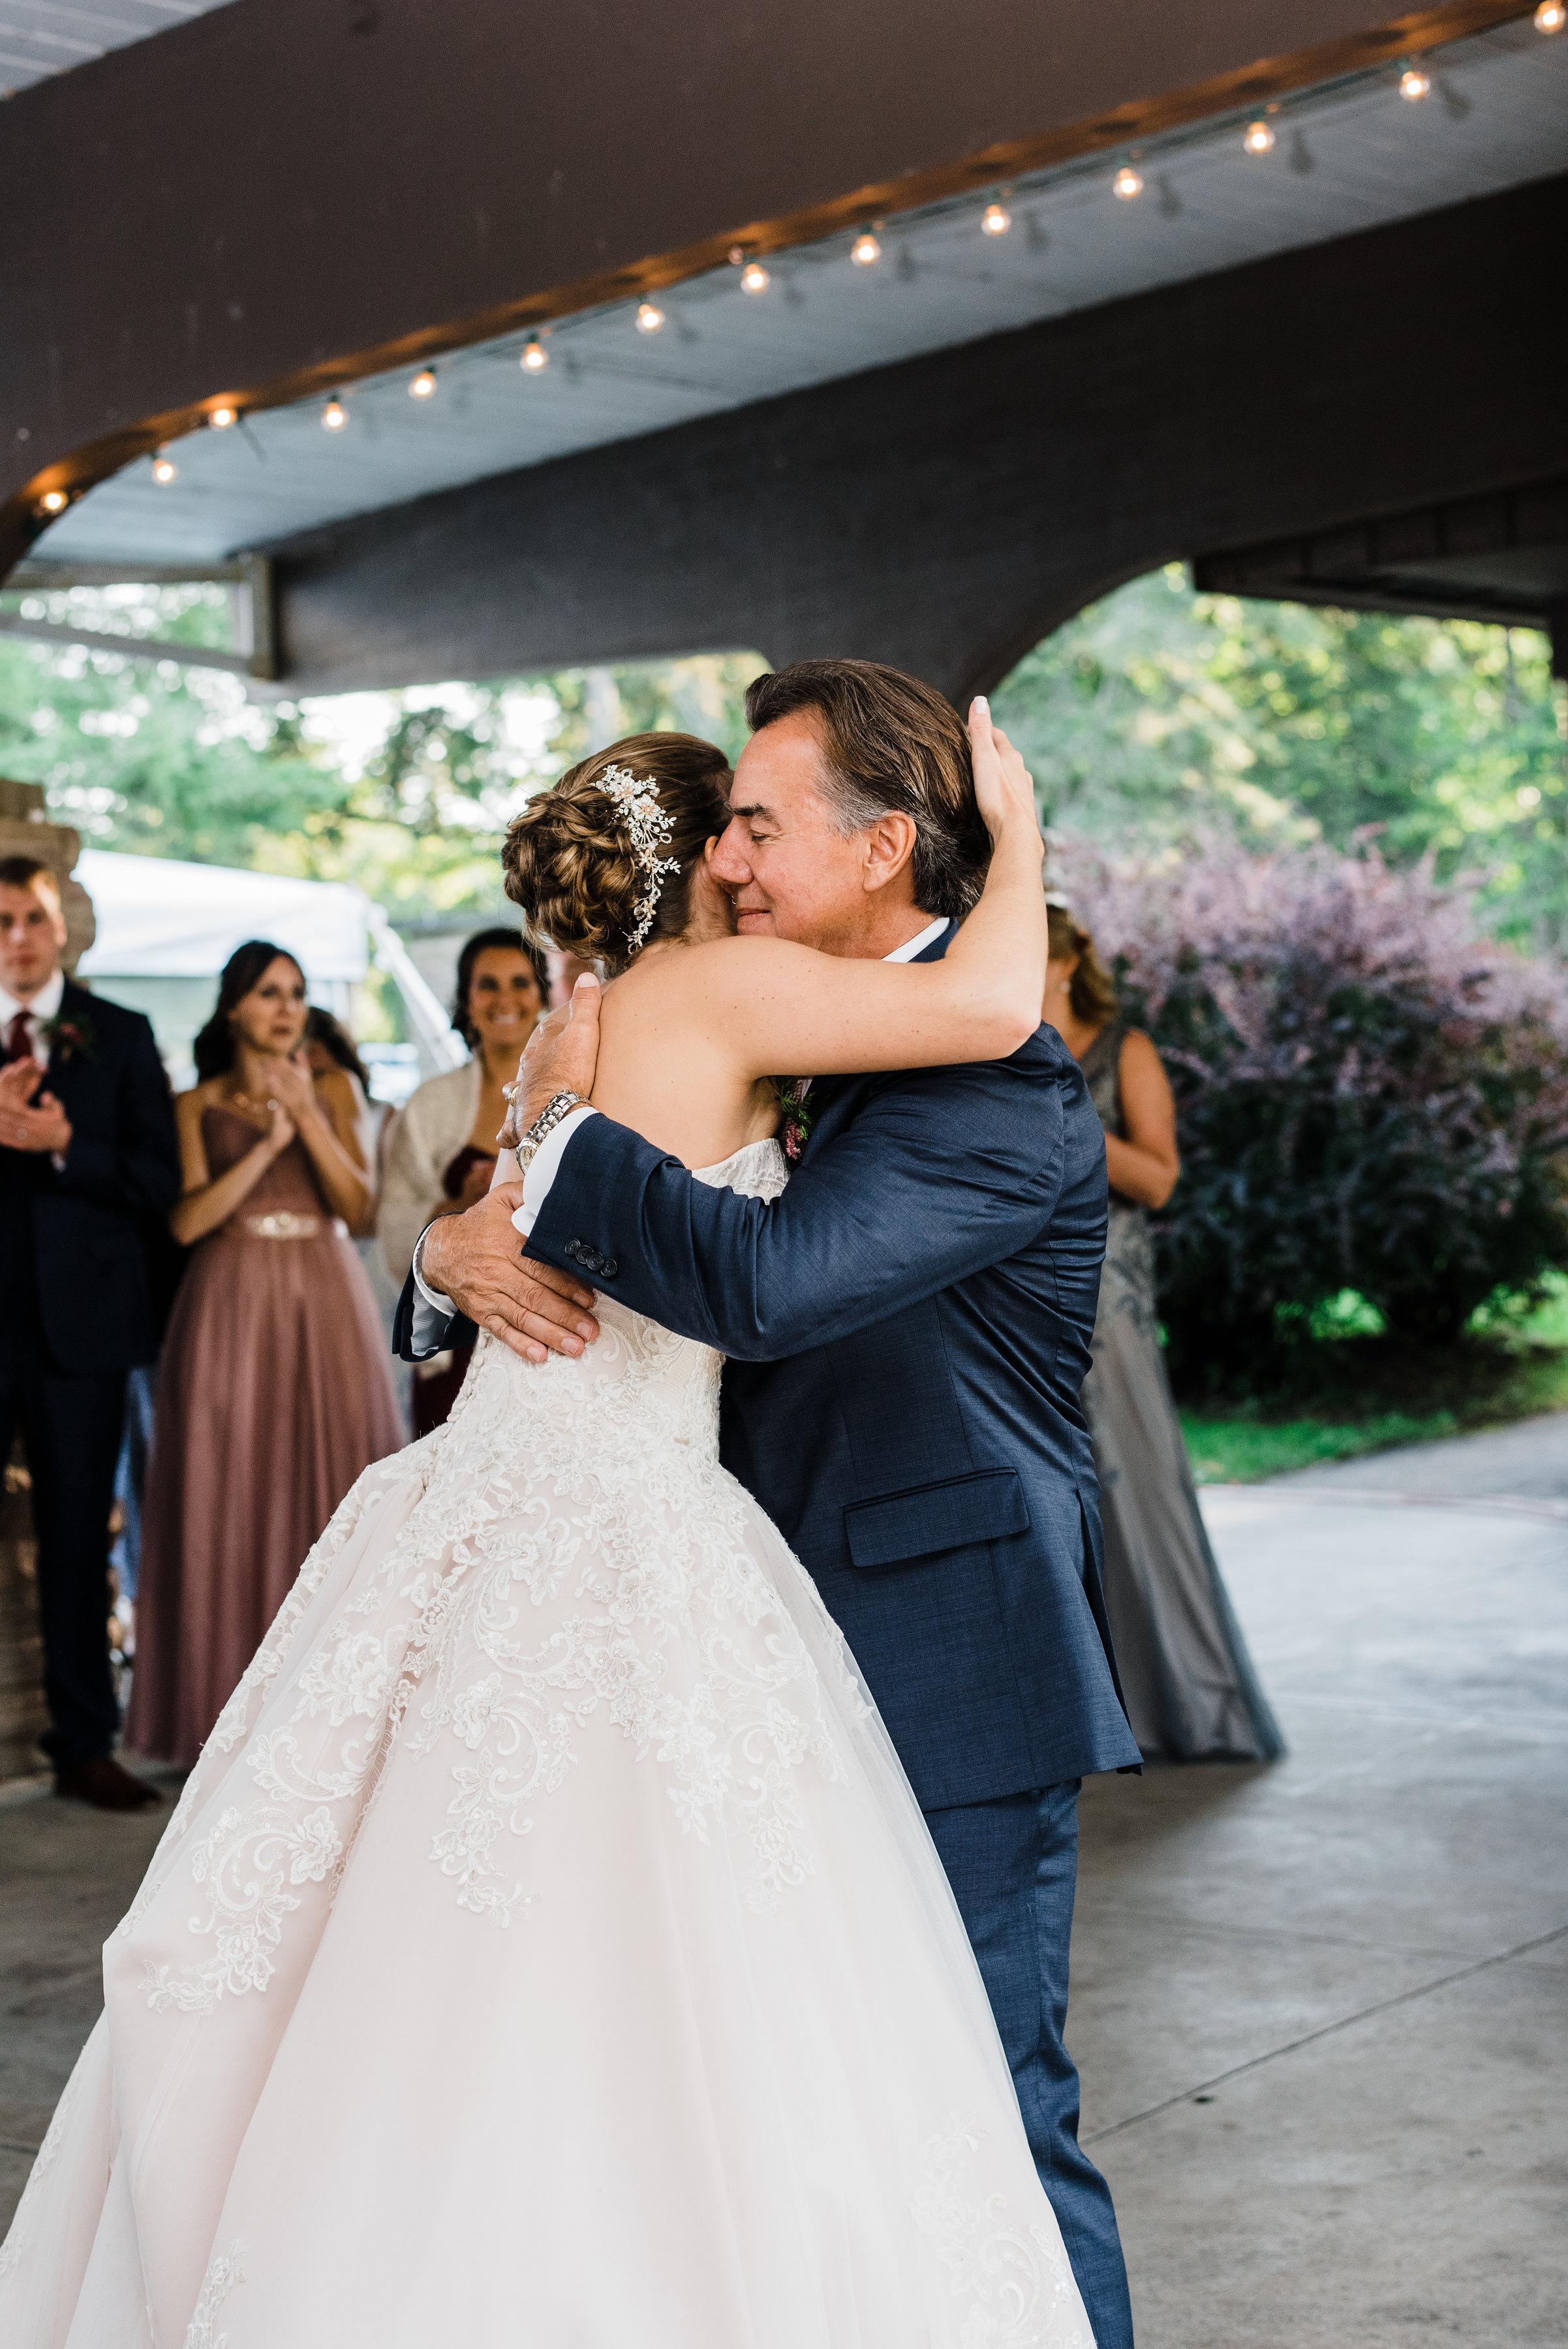 robert_moss_state_park_wedding_first_dance.jpg